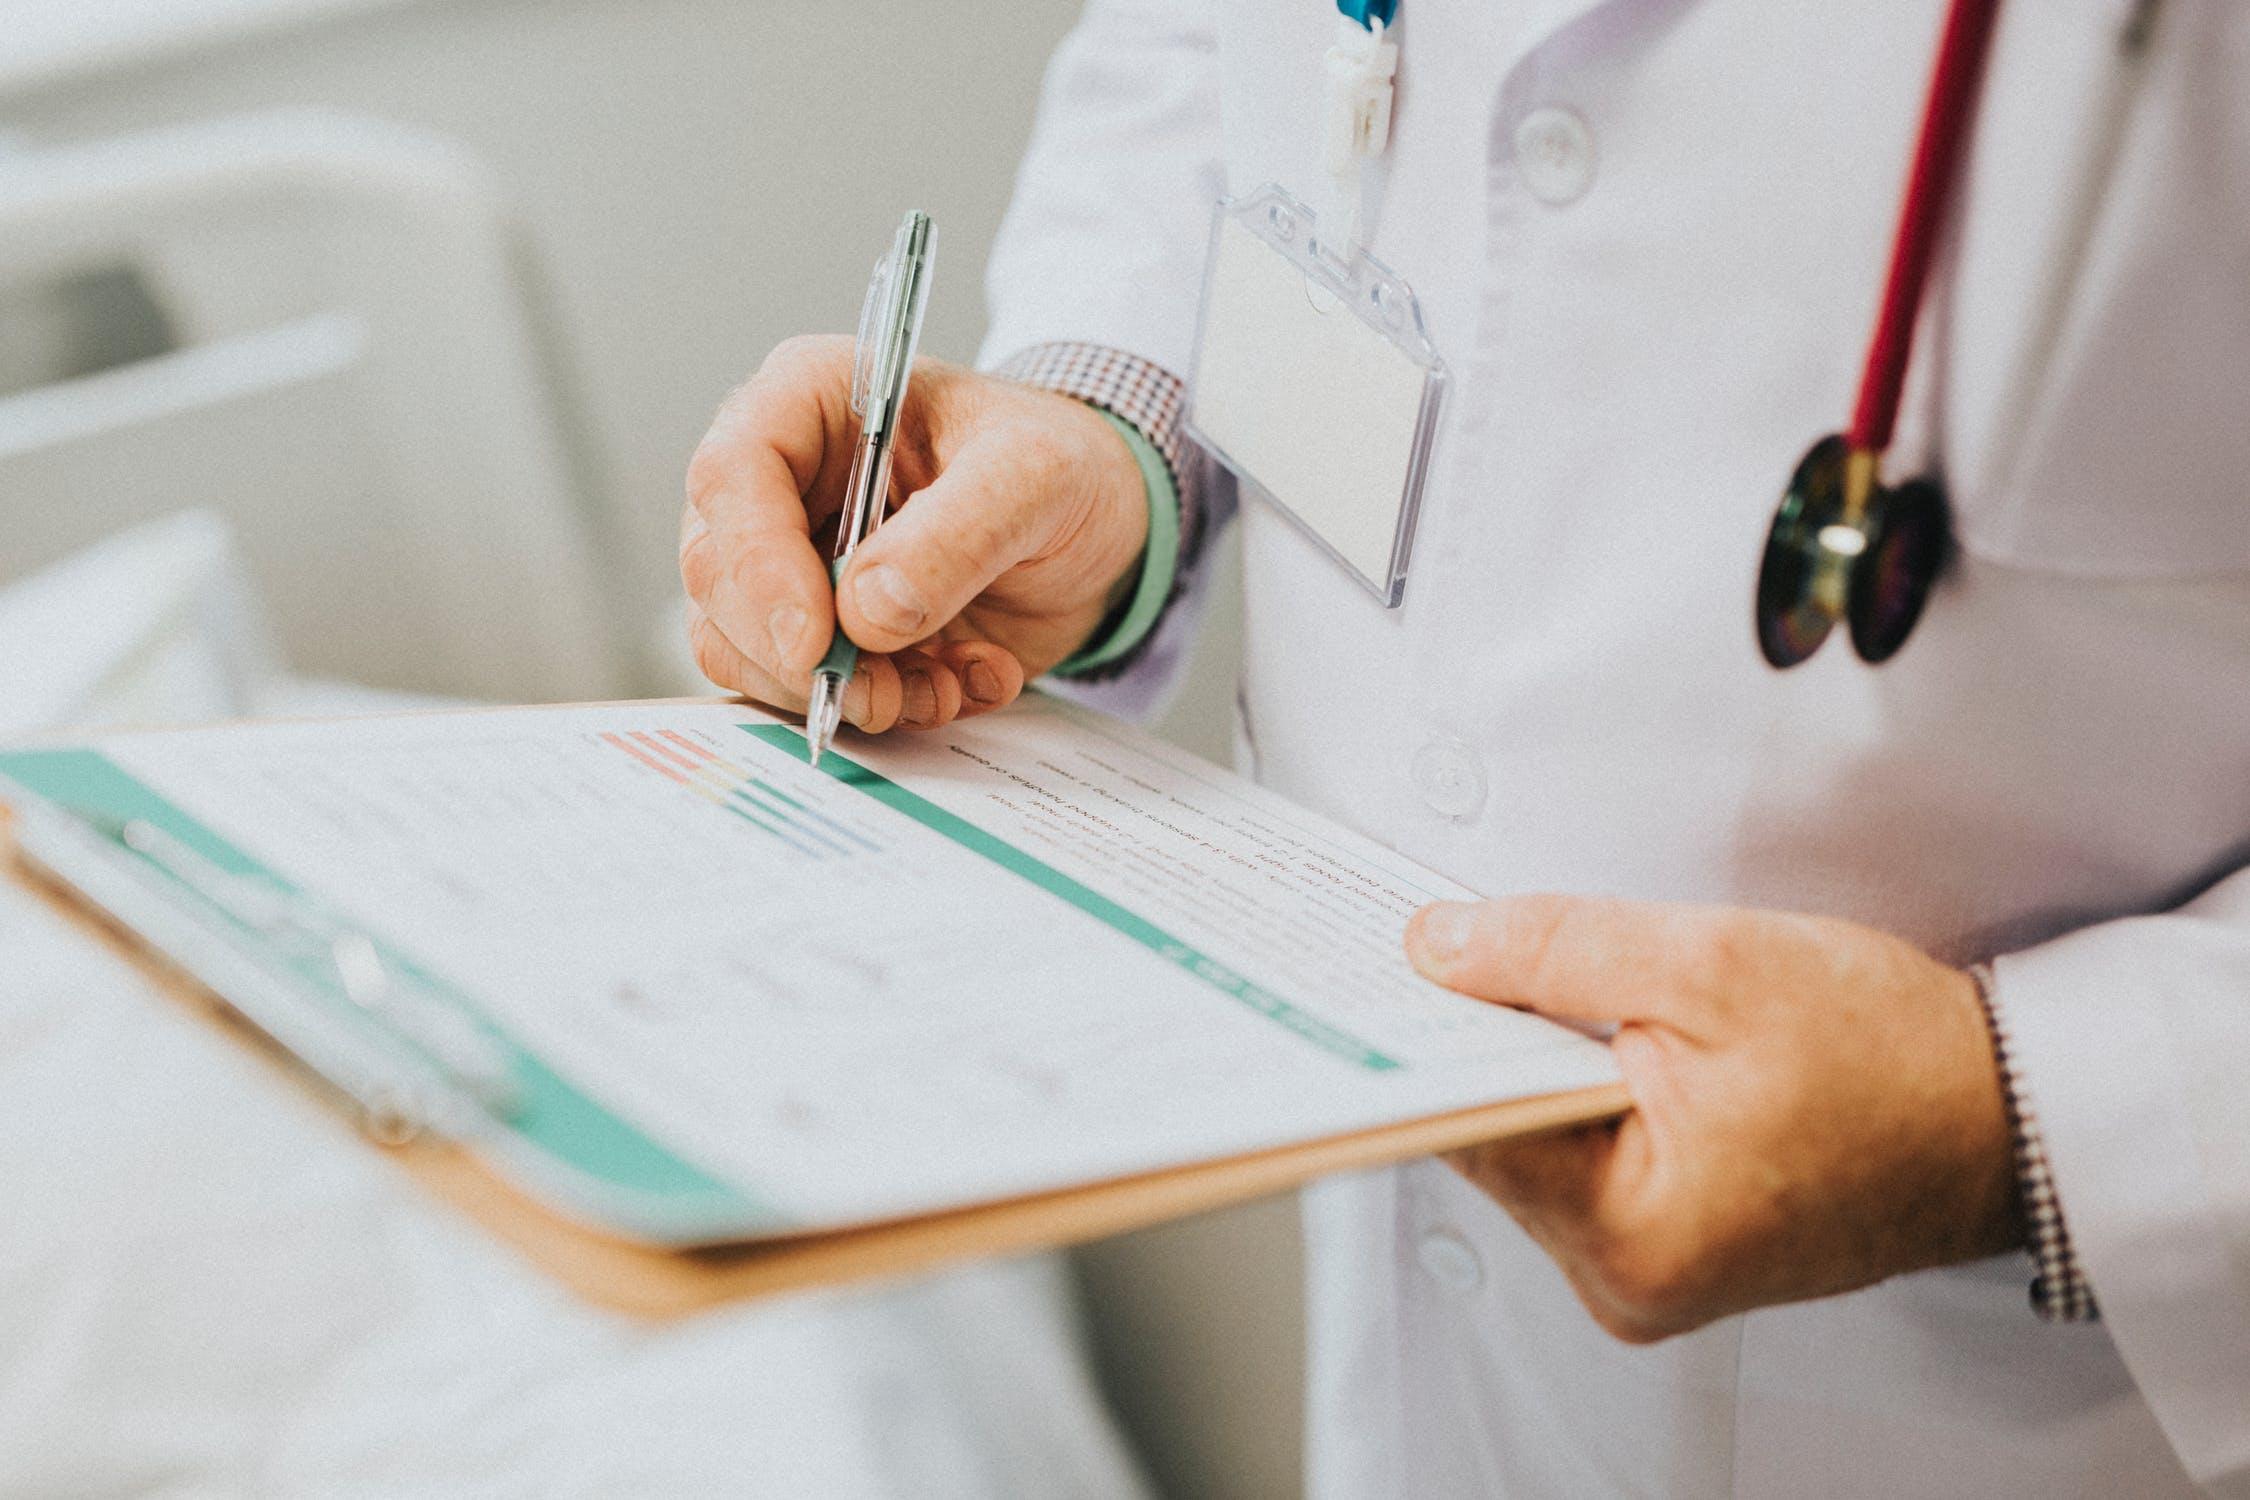 Ainda não tem um Plano de Saúde?! Confira 5 motivos para mudar isso agora mesmo!